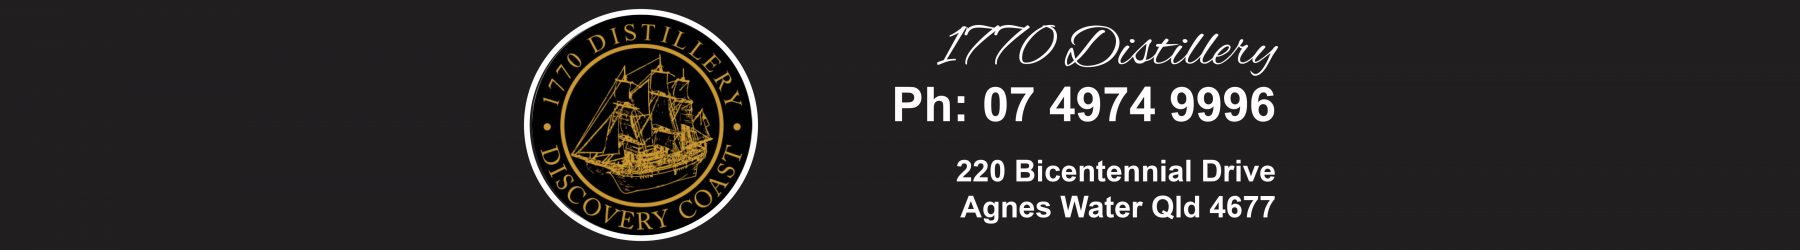 1770 Distillery